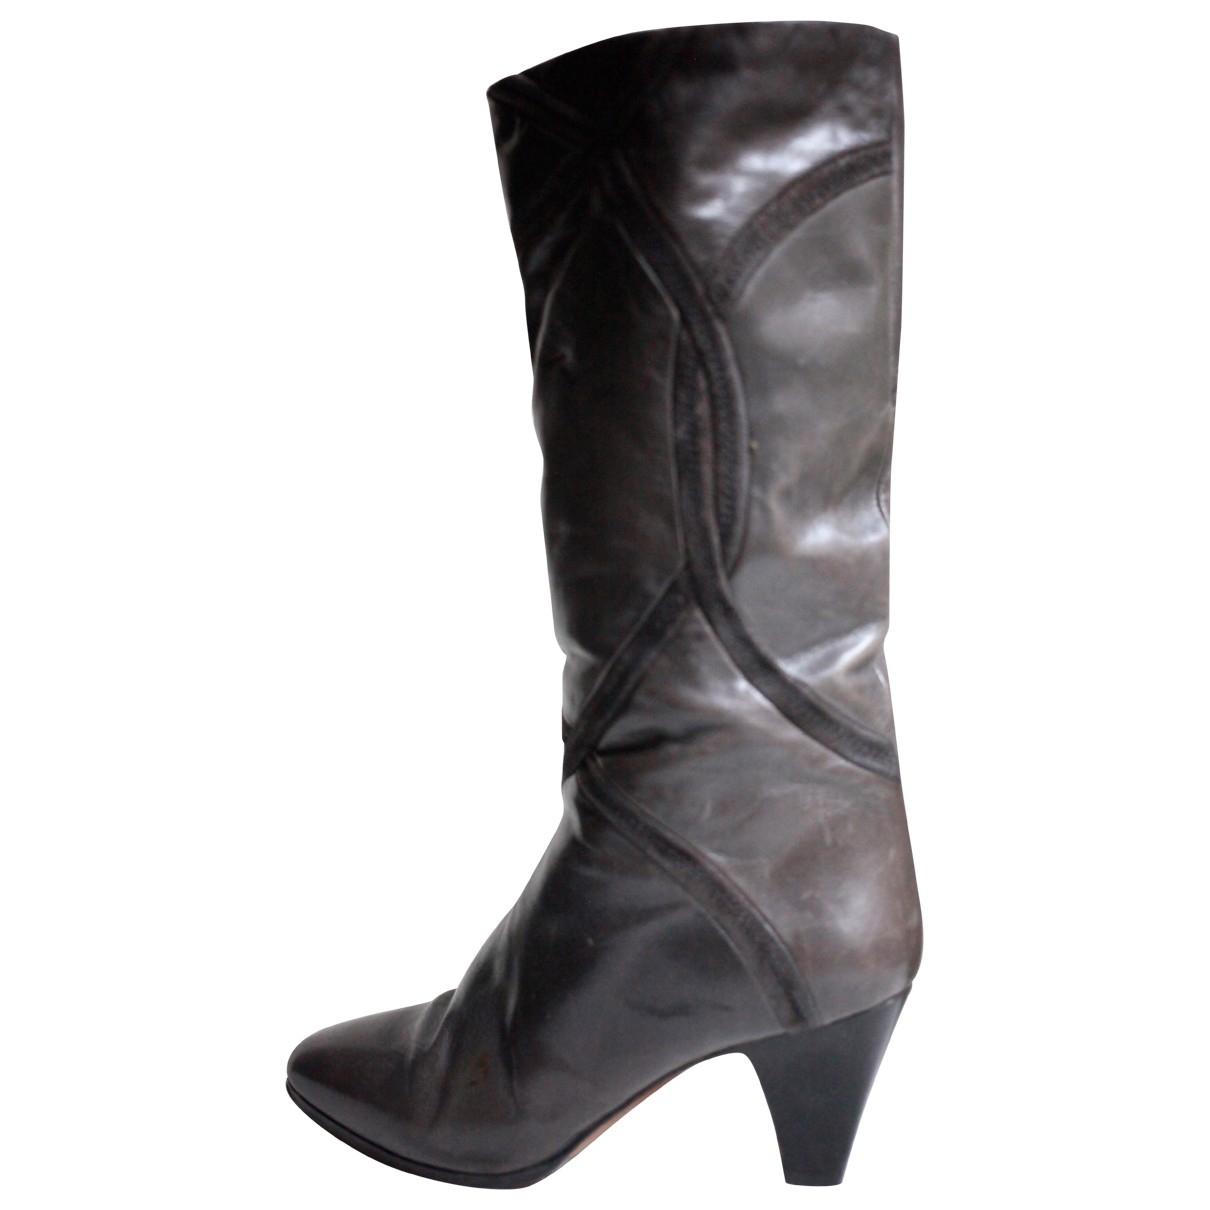 Bally - Bottes   pour femme en cuir - gris